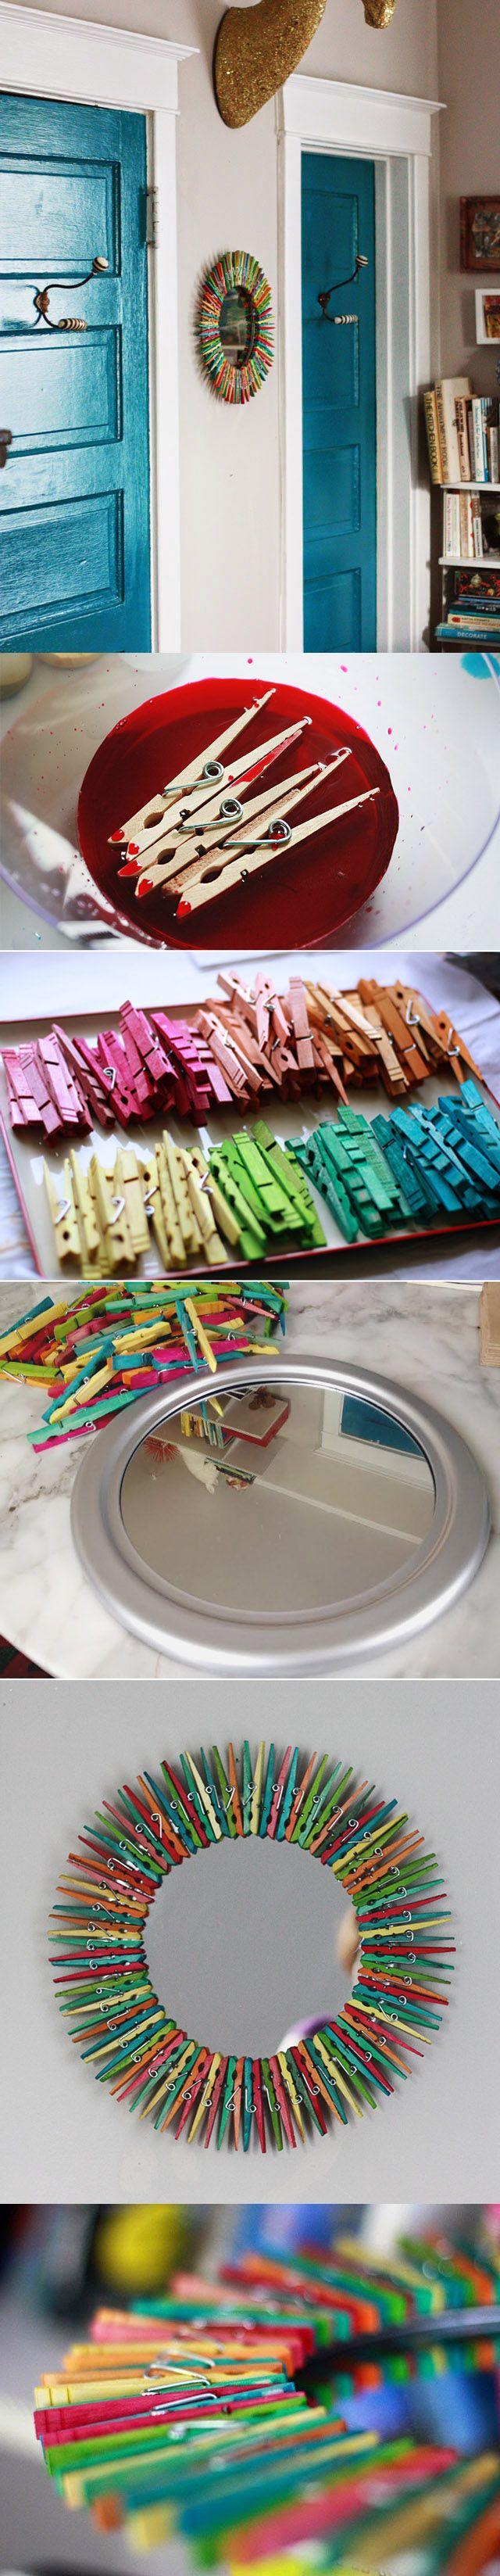 espejo-pinzas-diy-ropa-color-muy-ingenioso-1